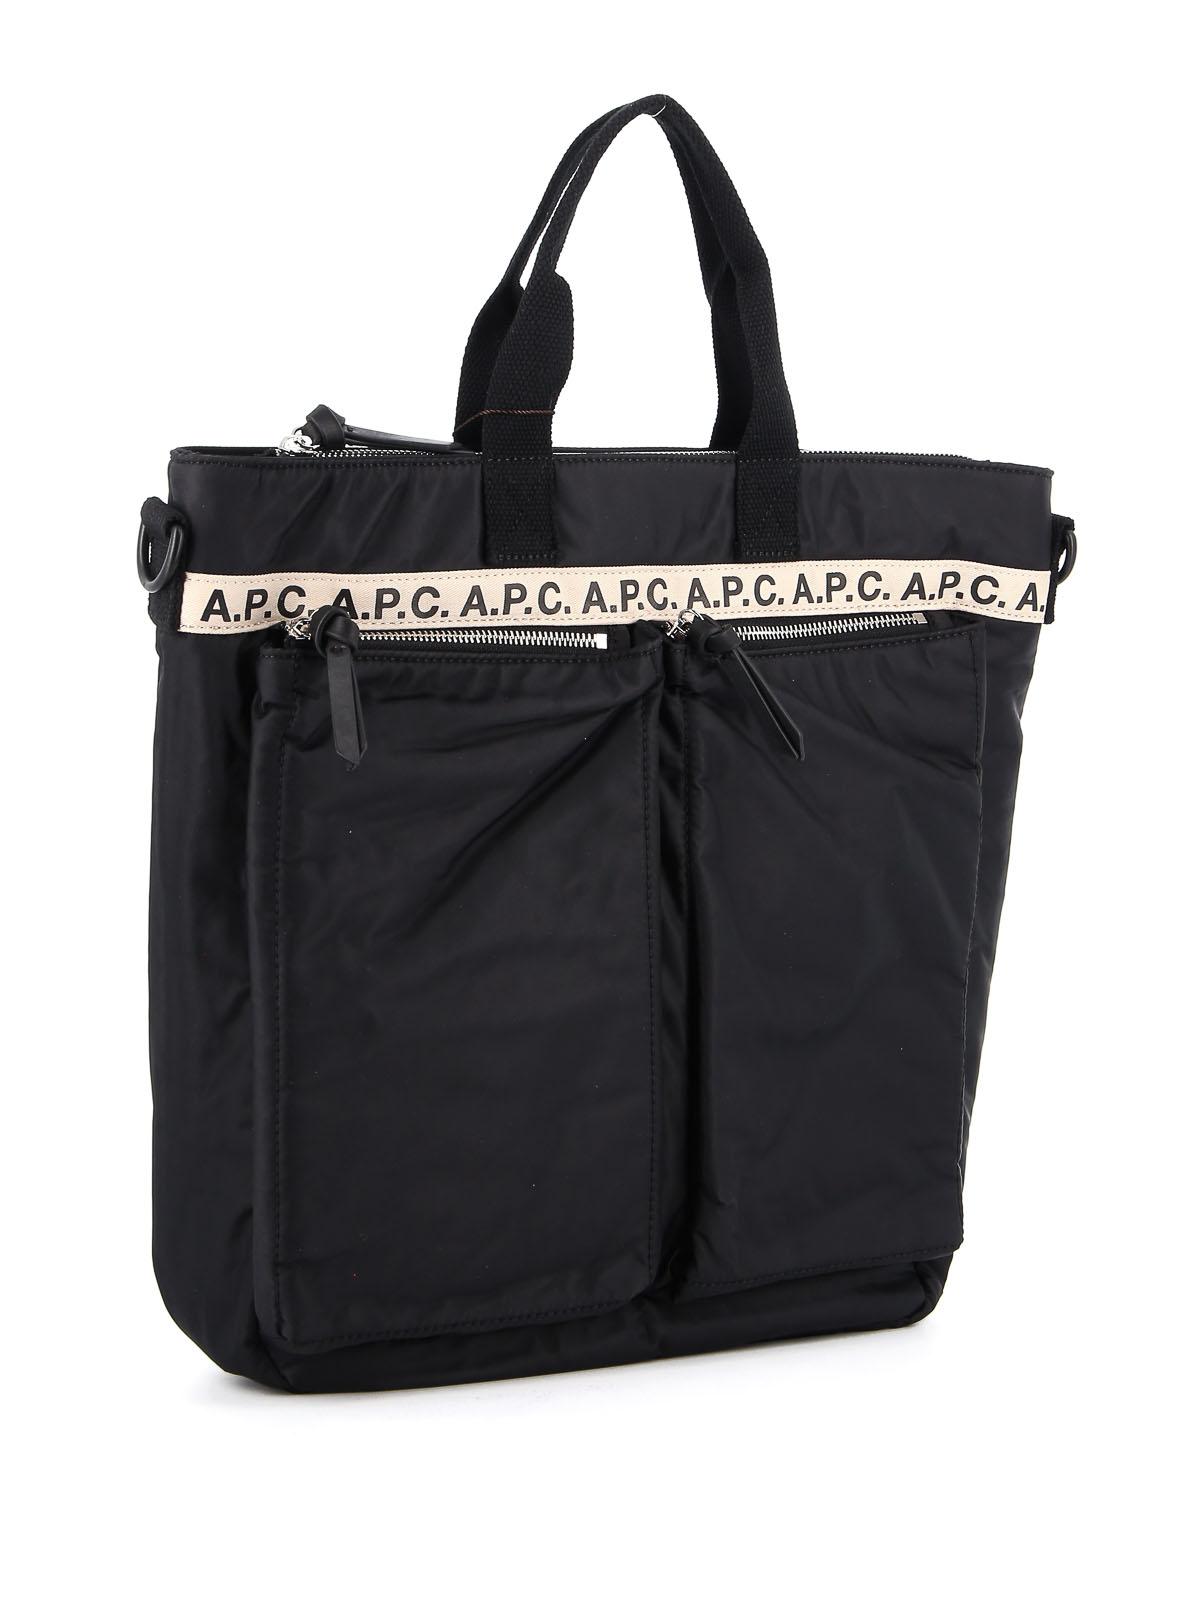 Immagine di A.P.C. | Shopping Repeat